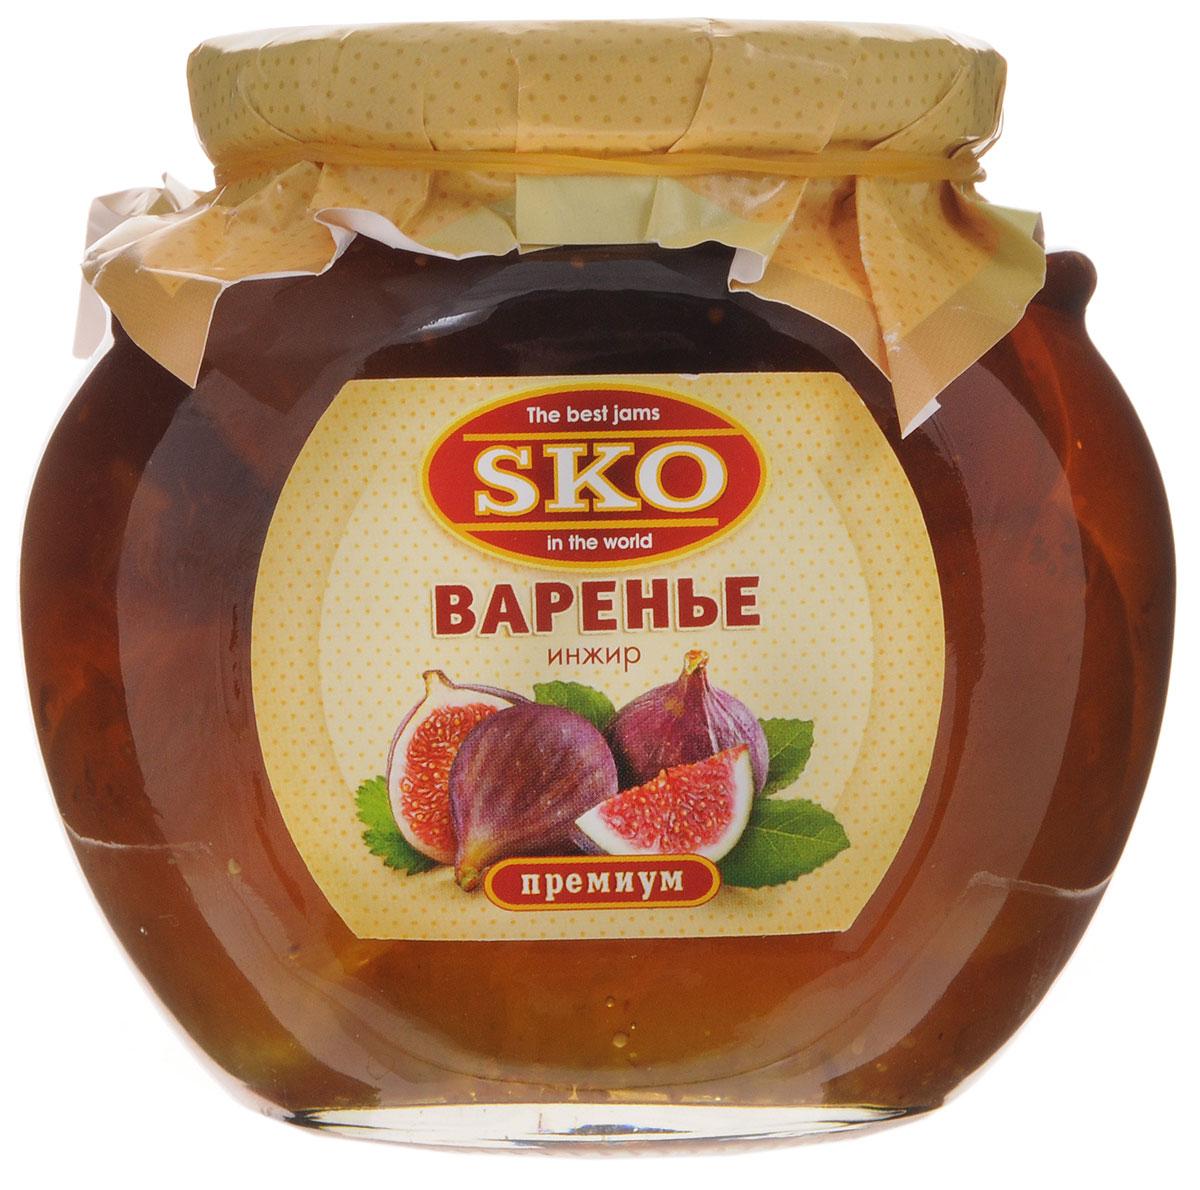 SKO варенье из инжира, 400 г0120710Варенье из инжира SKO - армянское варенье, приготовленное по домашним рецептам и современным технологиям, не содержит пектина. Может использоваться для приготовления пирогов, тортов и других разнообразных десертов, а также в качестве самостоятельного лакомства.Варенье из инжира - это природная кладовая полезных веществ для организма человека. Соплодия инжира богаты аскорбиновой кислотой, витаминами группы B, минеральными веществами, сахарами, фосфором, калием, кальцием, железом, натрием и клетчаткой. Причем, что касается минеральных веществ, инжир можно смело назвать чемпионом среди фруктов по их содержанию.